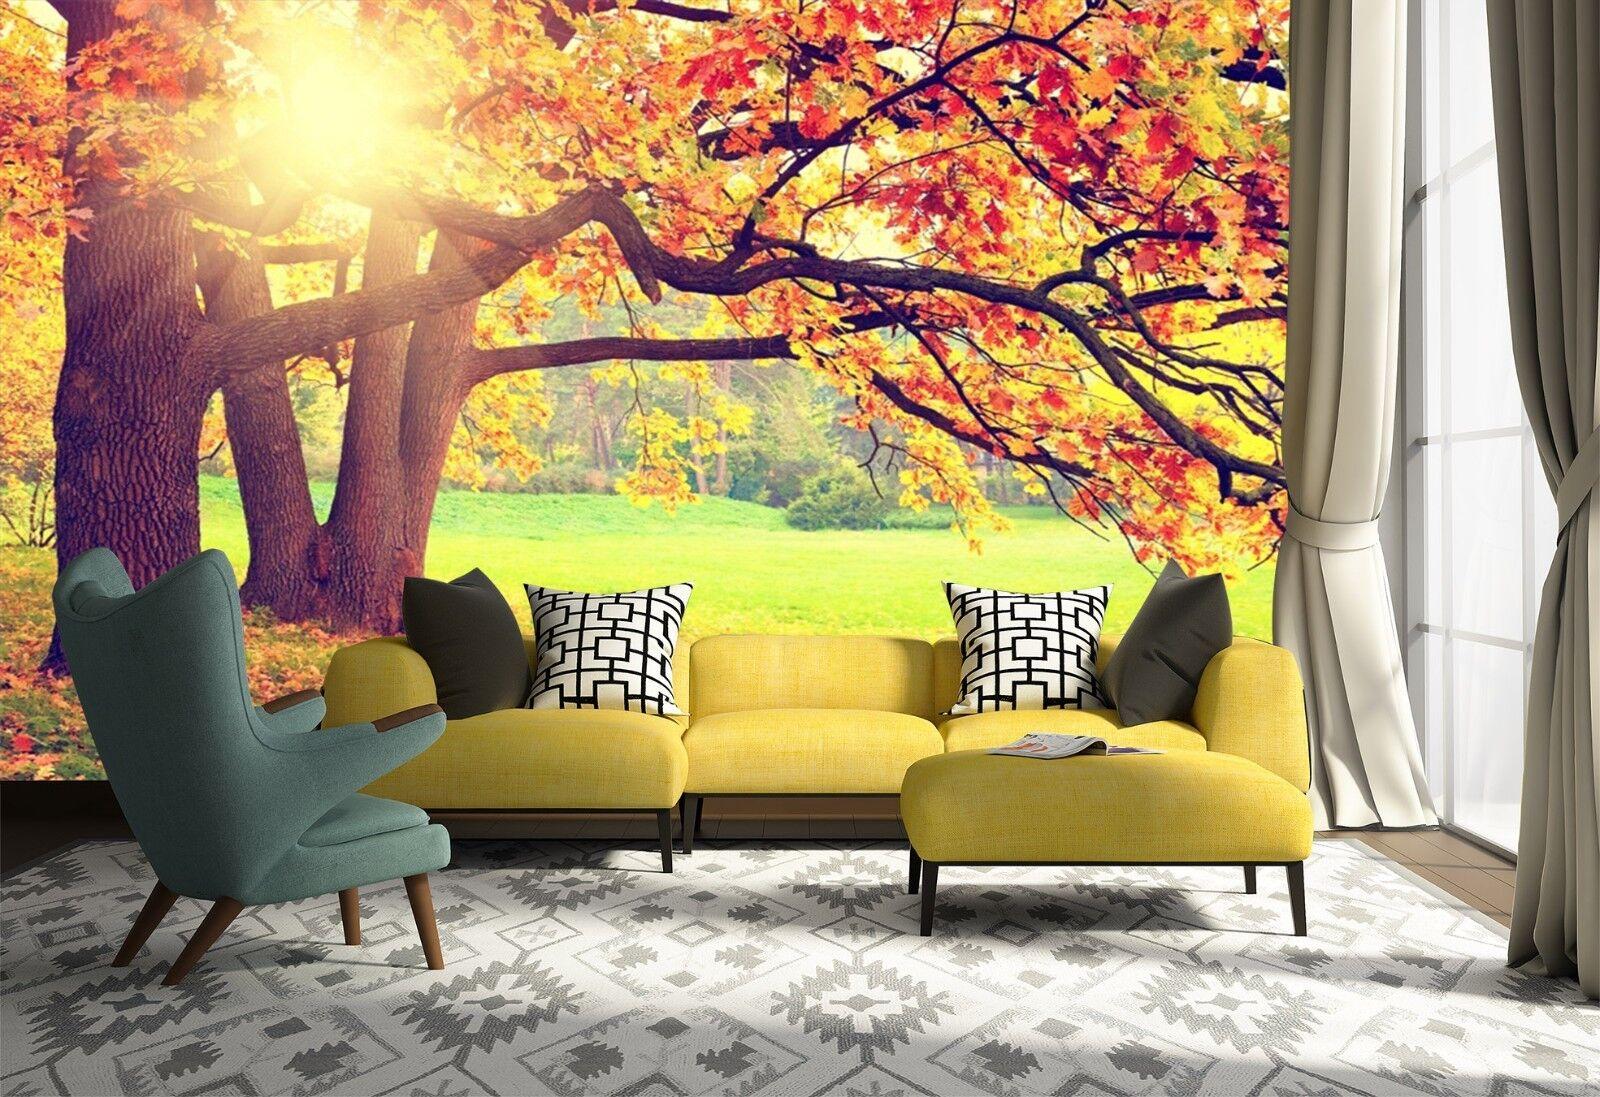 3D Waldrasen 567 Tapete Tapeten Mauer Foto Familie Tapete Wandgemälde Summer